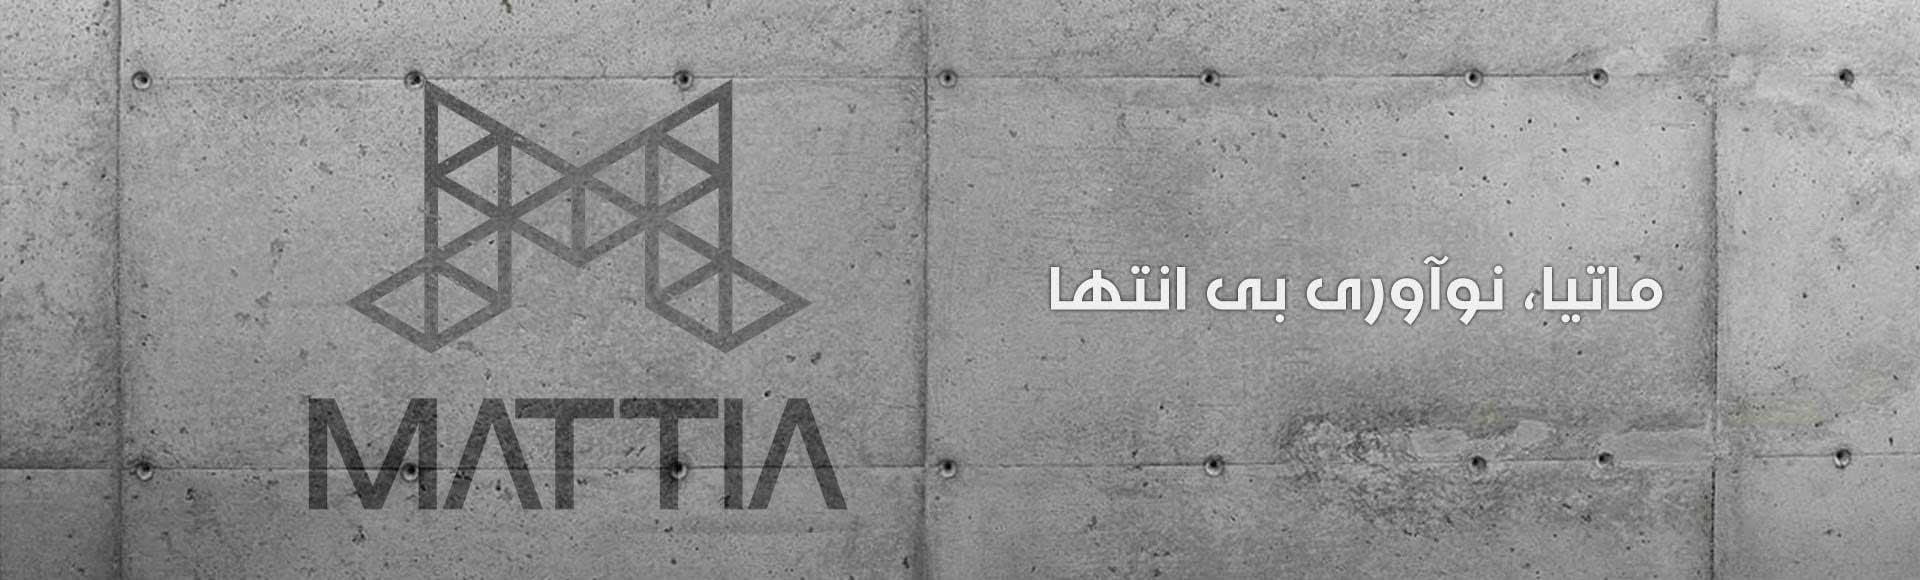 عکس دیوار بتنی و سیمانی با شعار ماتیا ساختمان